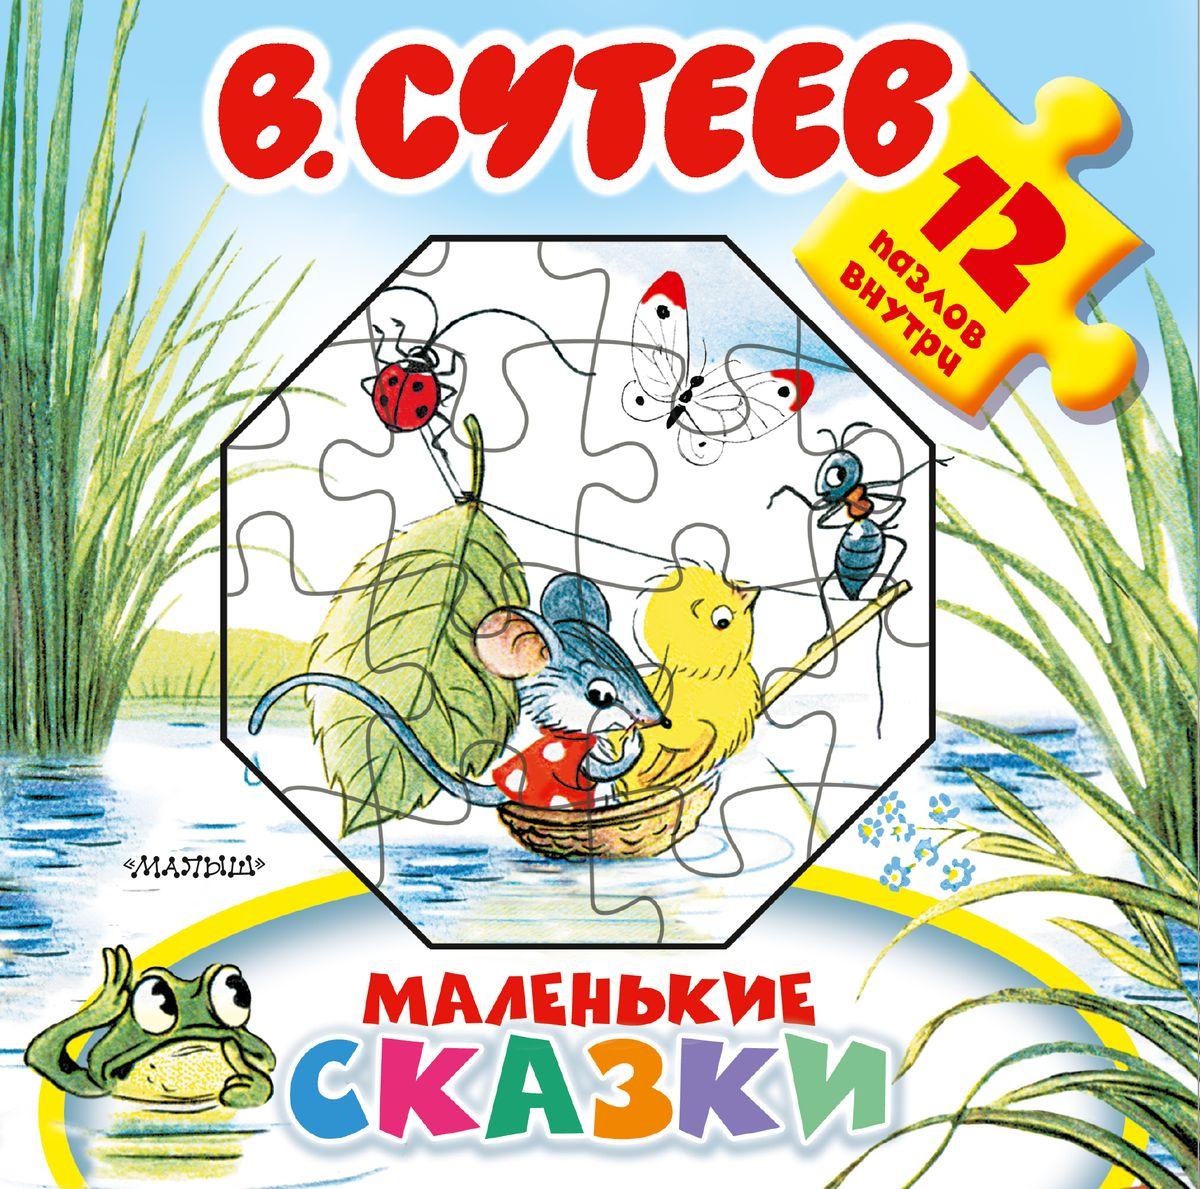 В. Сутеев Маленькие сказки в г сутеев маленькие сказки наклейки